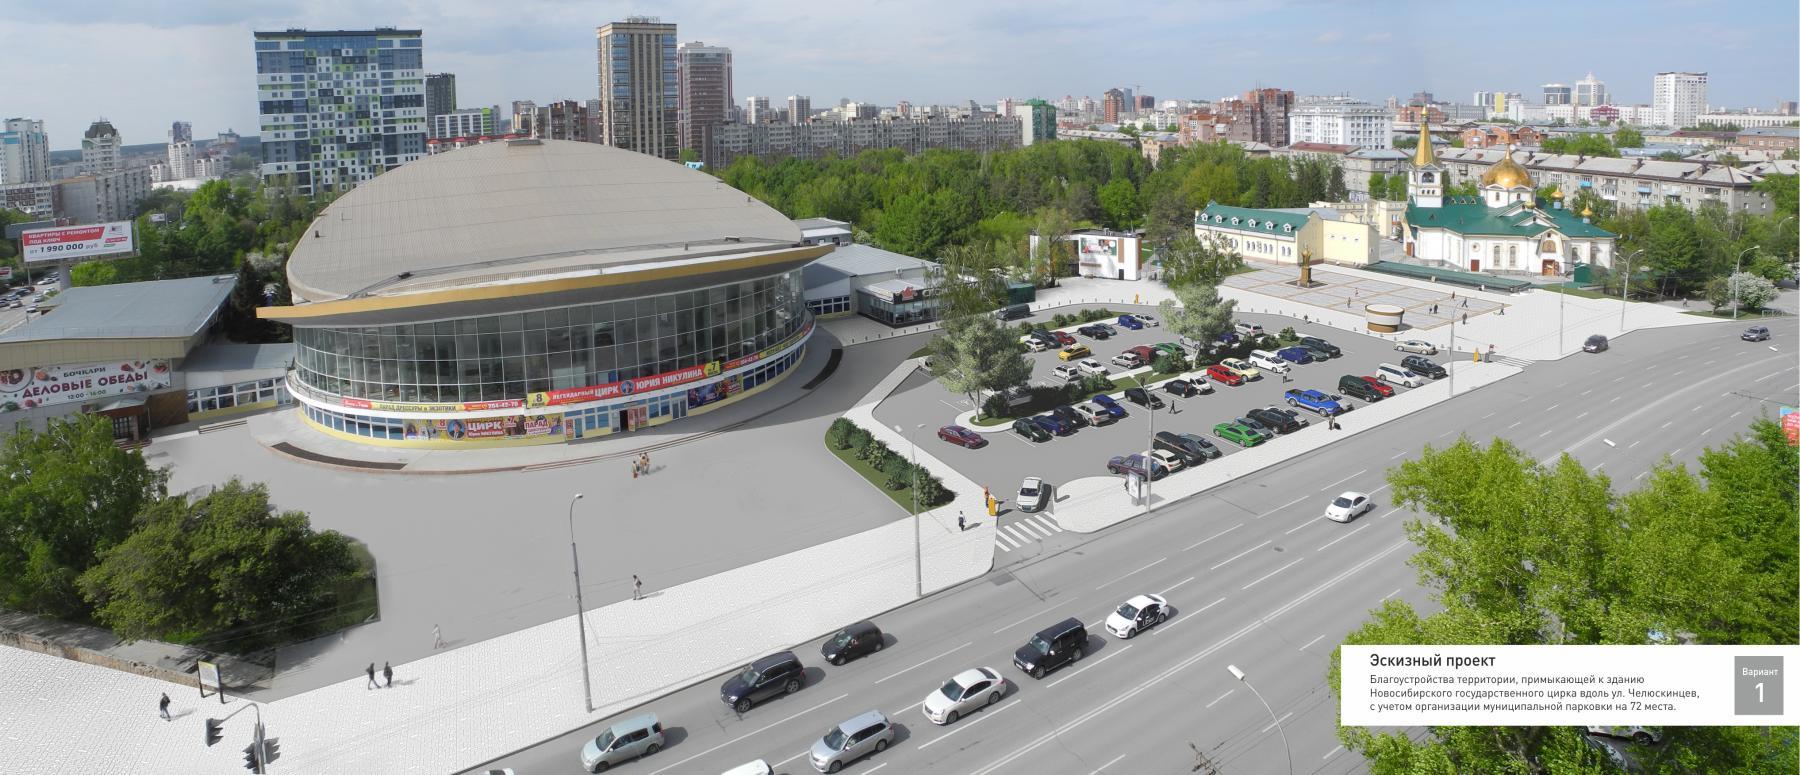 Фото Новосибирцы проголосовали за ликвидацию автопарковки возле цирка 2